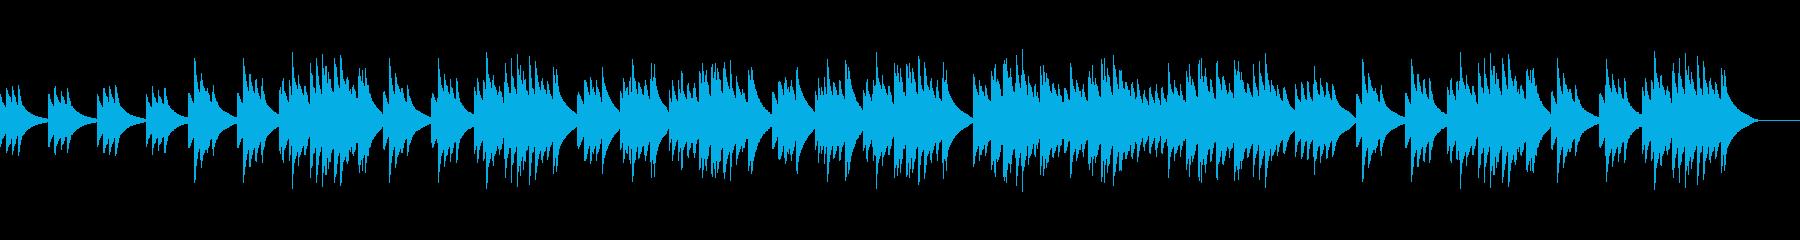 ちょっとせつないオルゴール風の曲の再生済みの波形